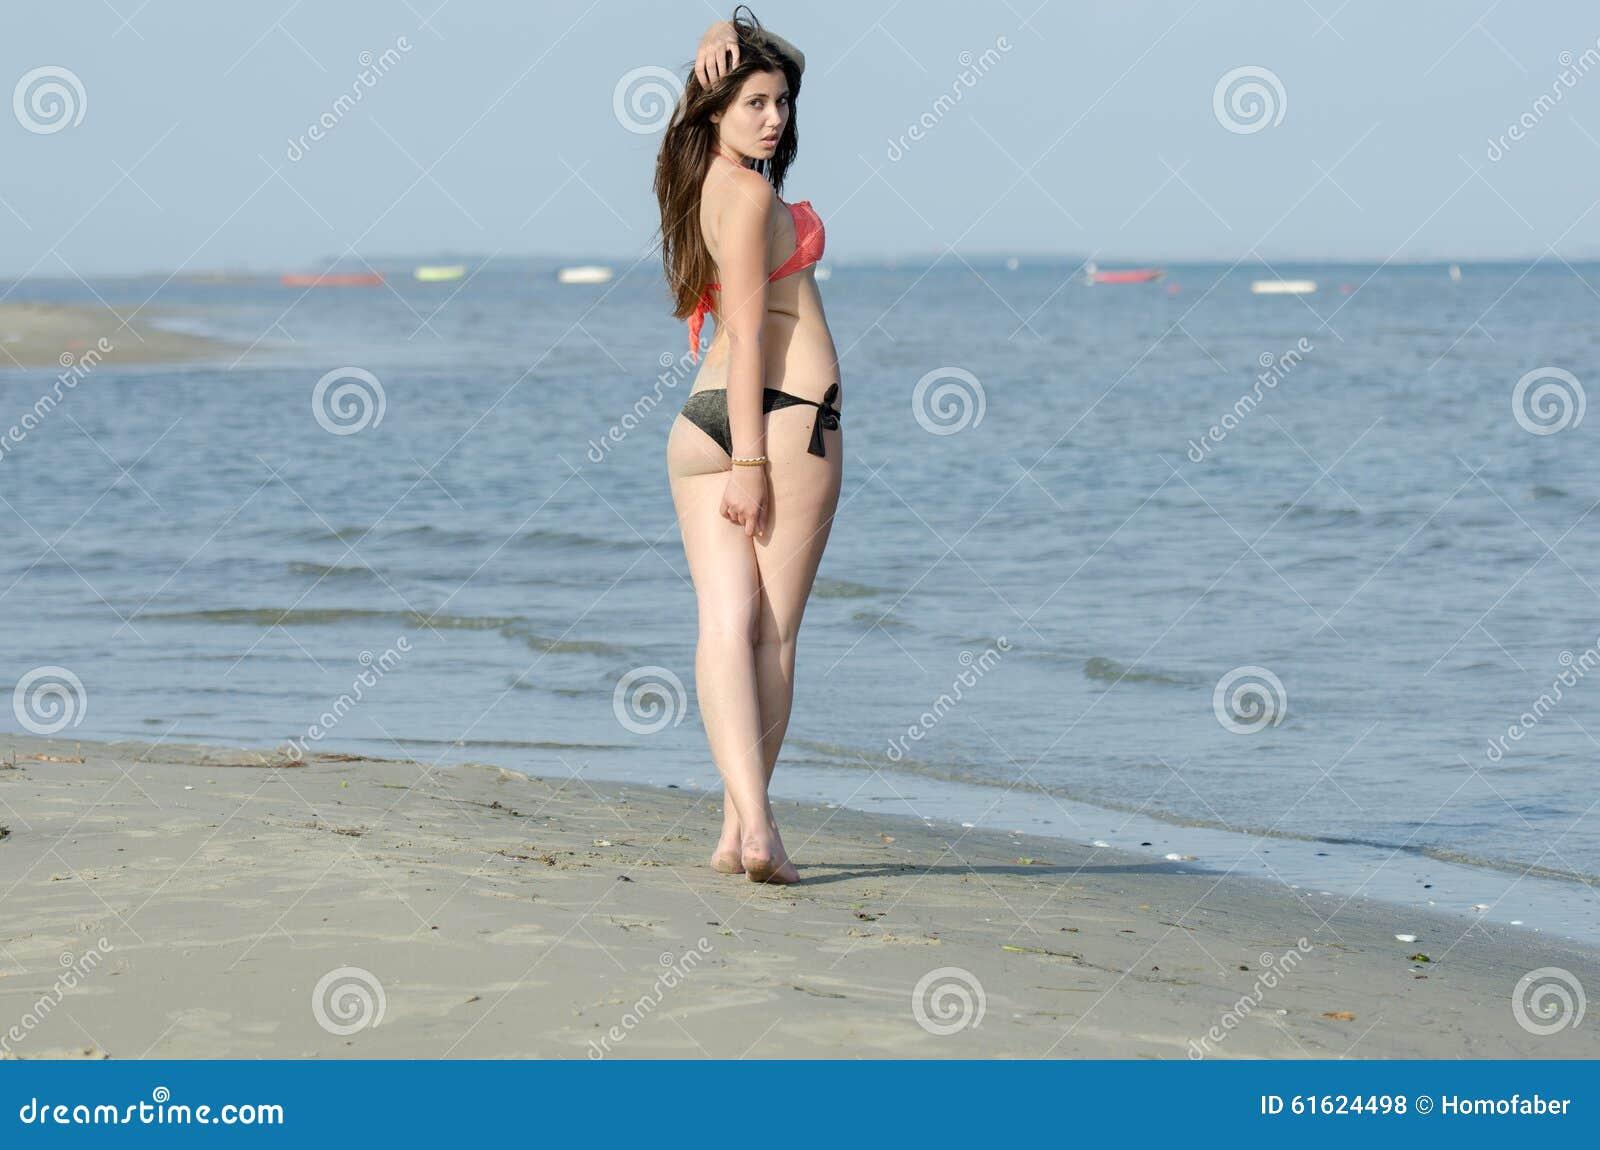 camera bikini